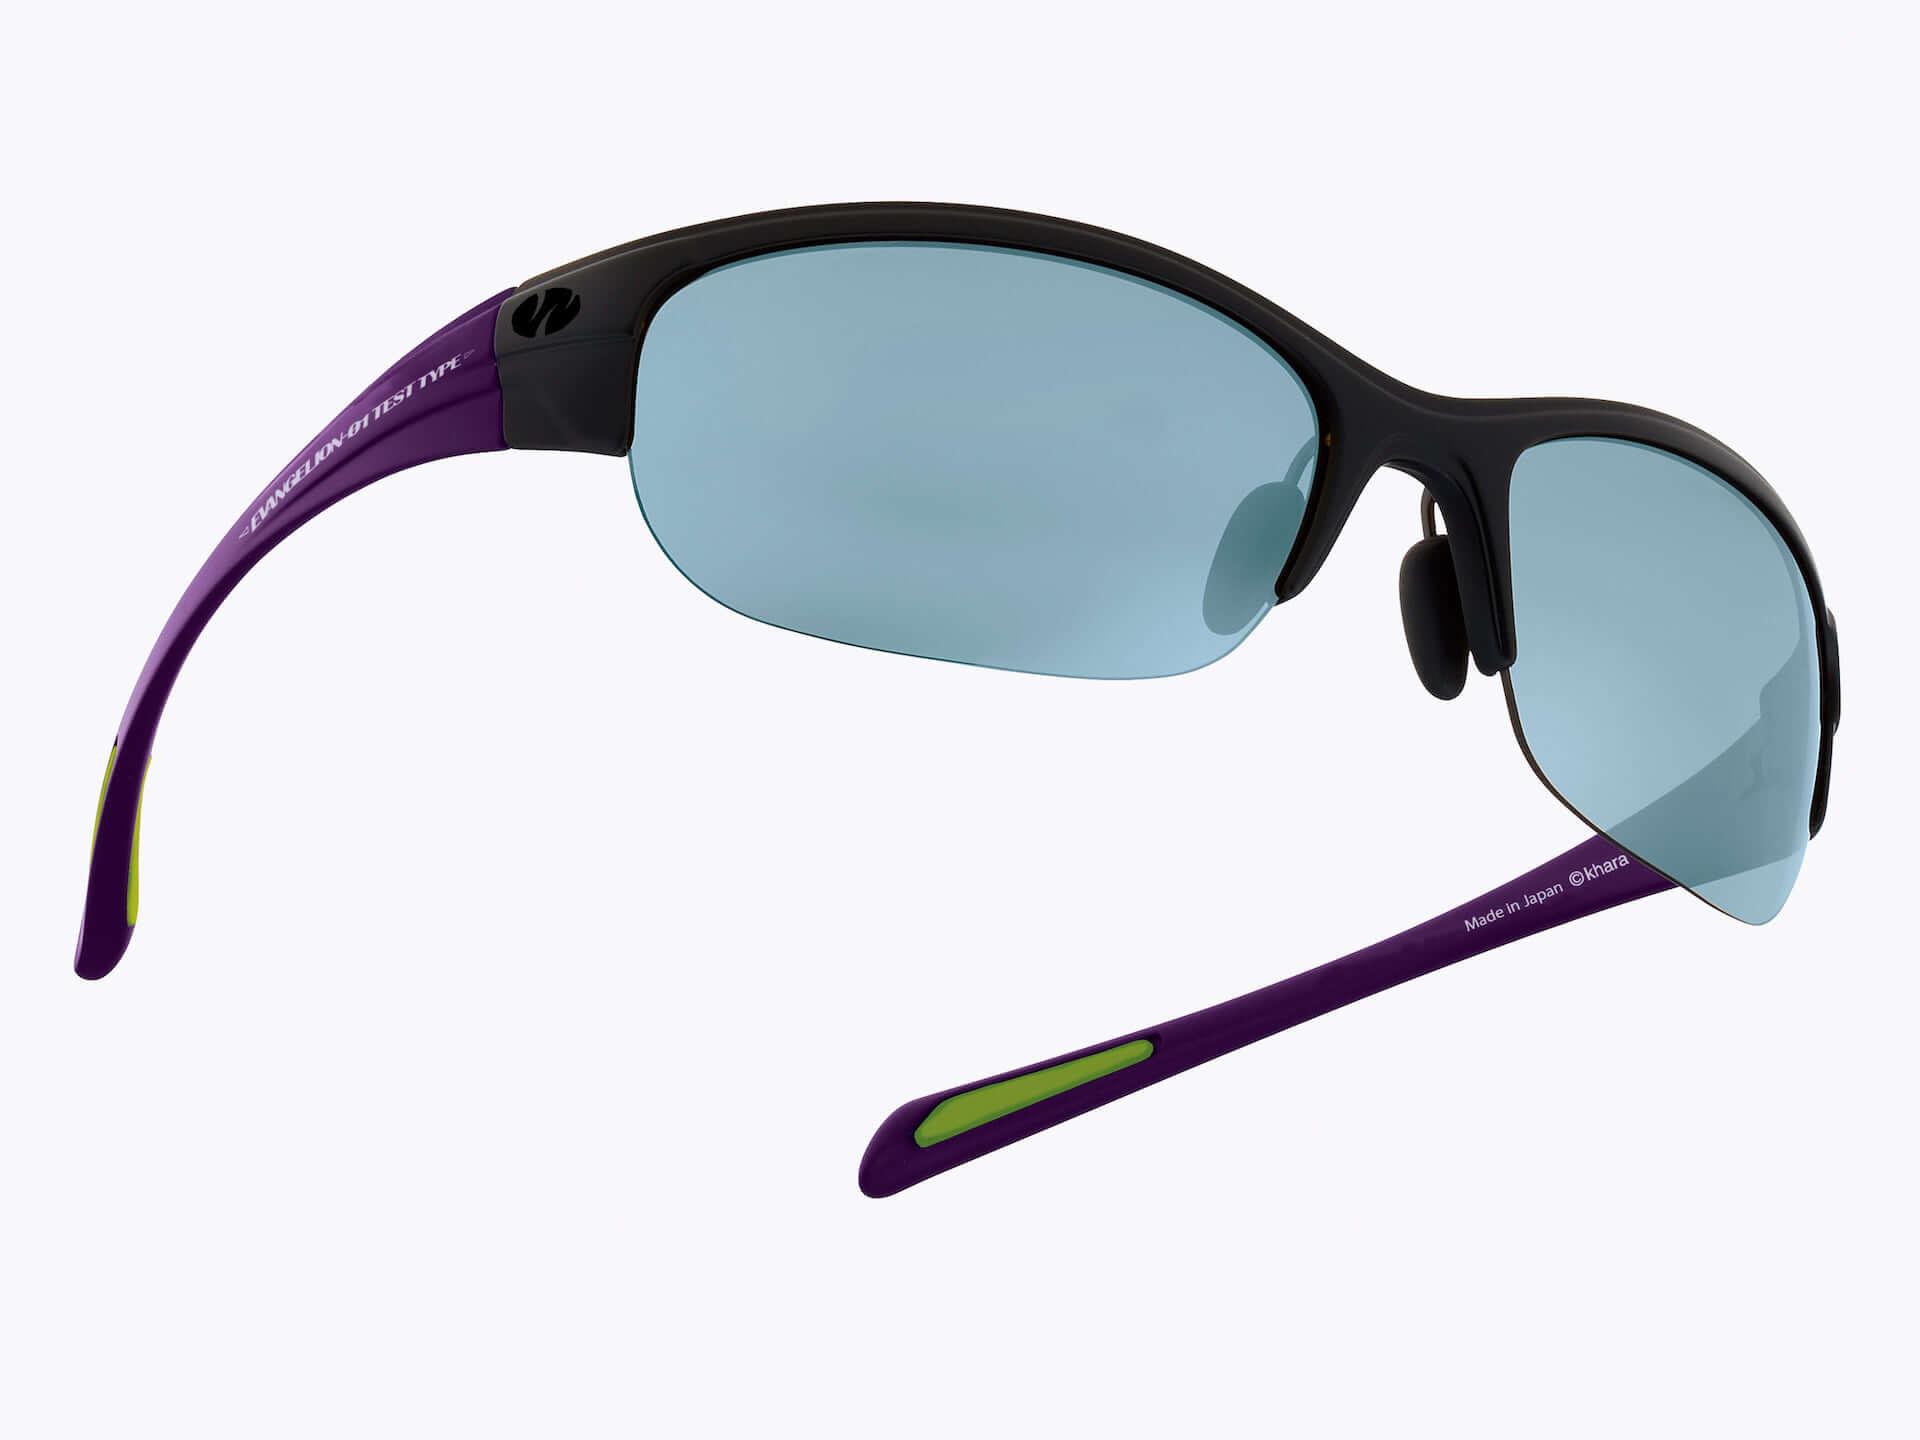 「メガネの愛眼」× 新世紀エヴァンゲリオンの別注サングラスが発売中!EVA初号機をイメージした2型 lf200602_eva_sunglasses_07-1920x1440